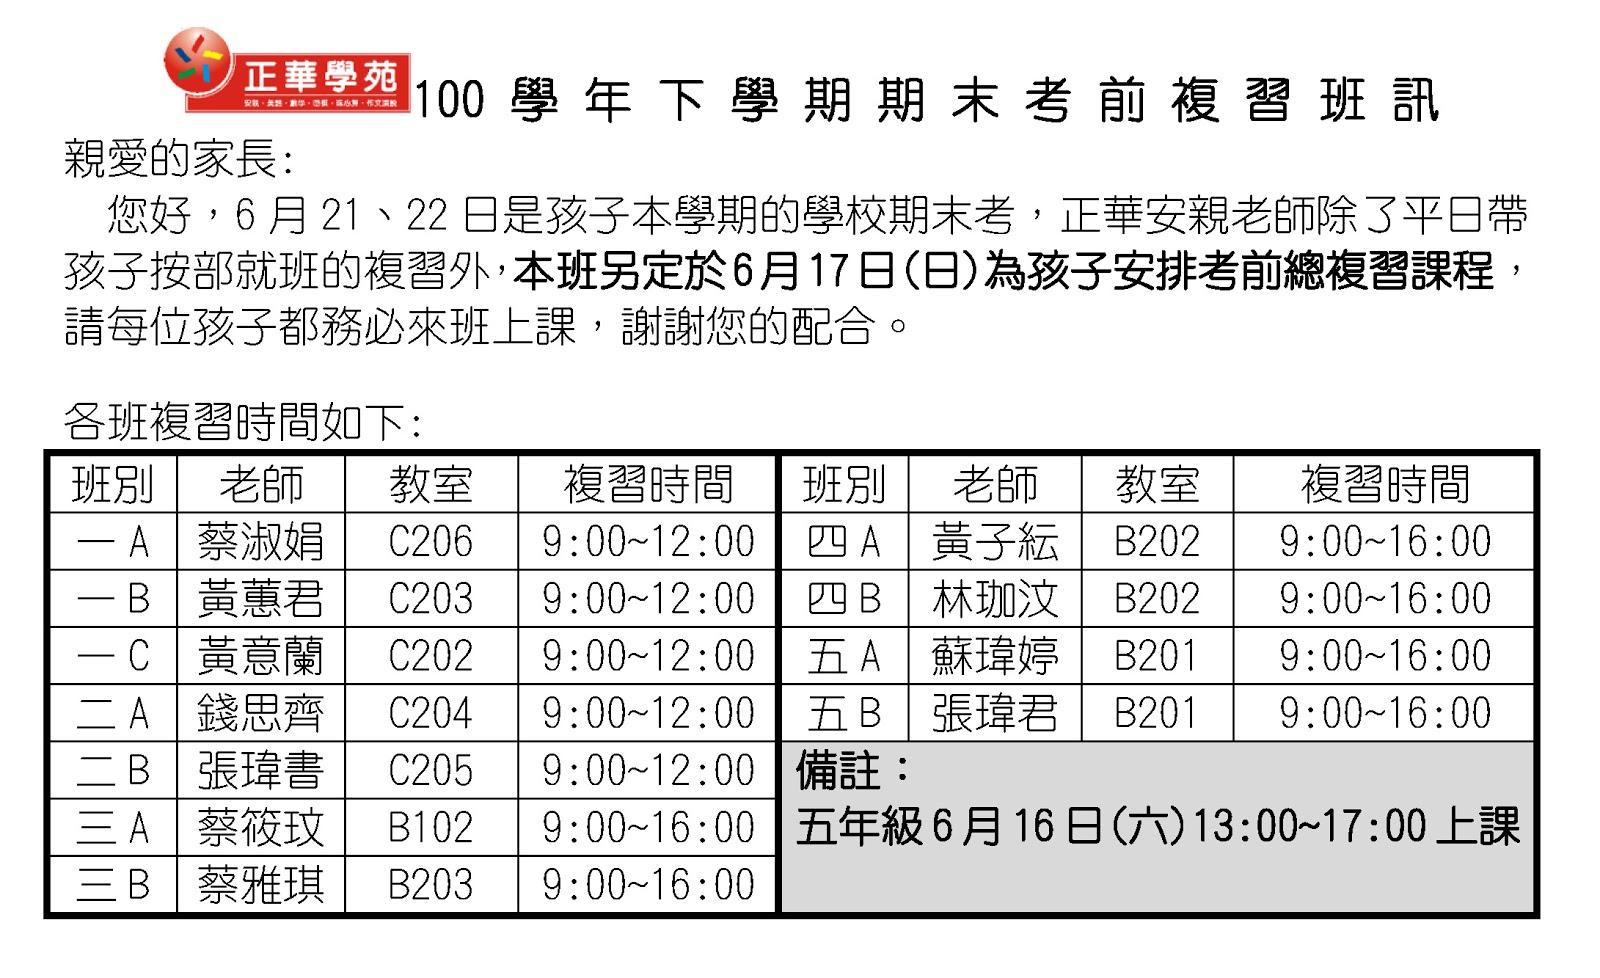 ★正華【期末考複習】通知!   正華資優教育學苑 永平校